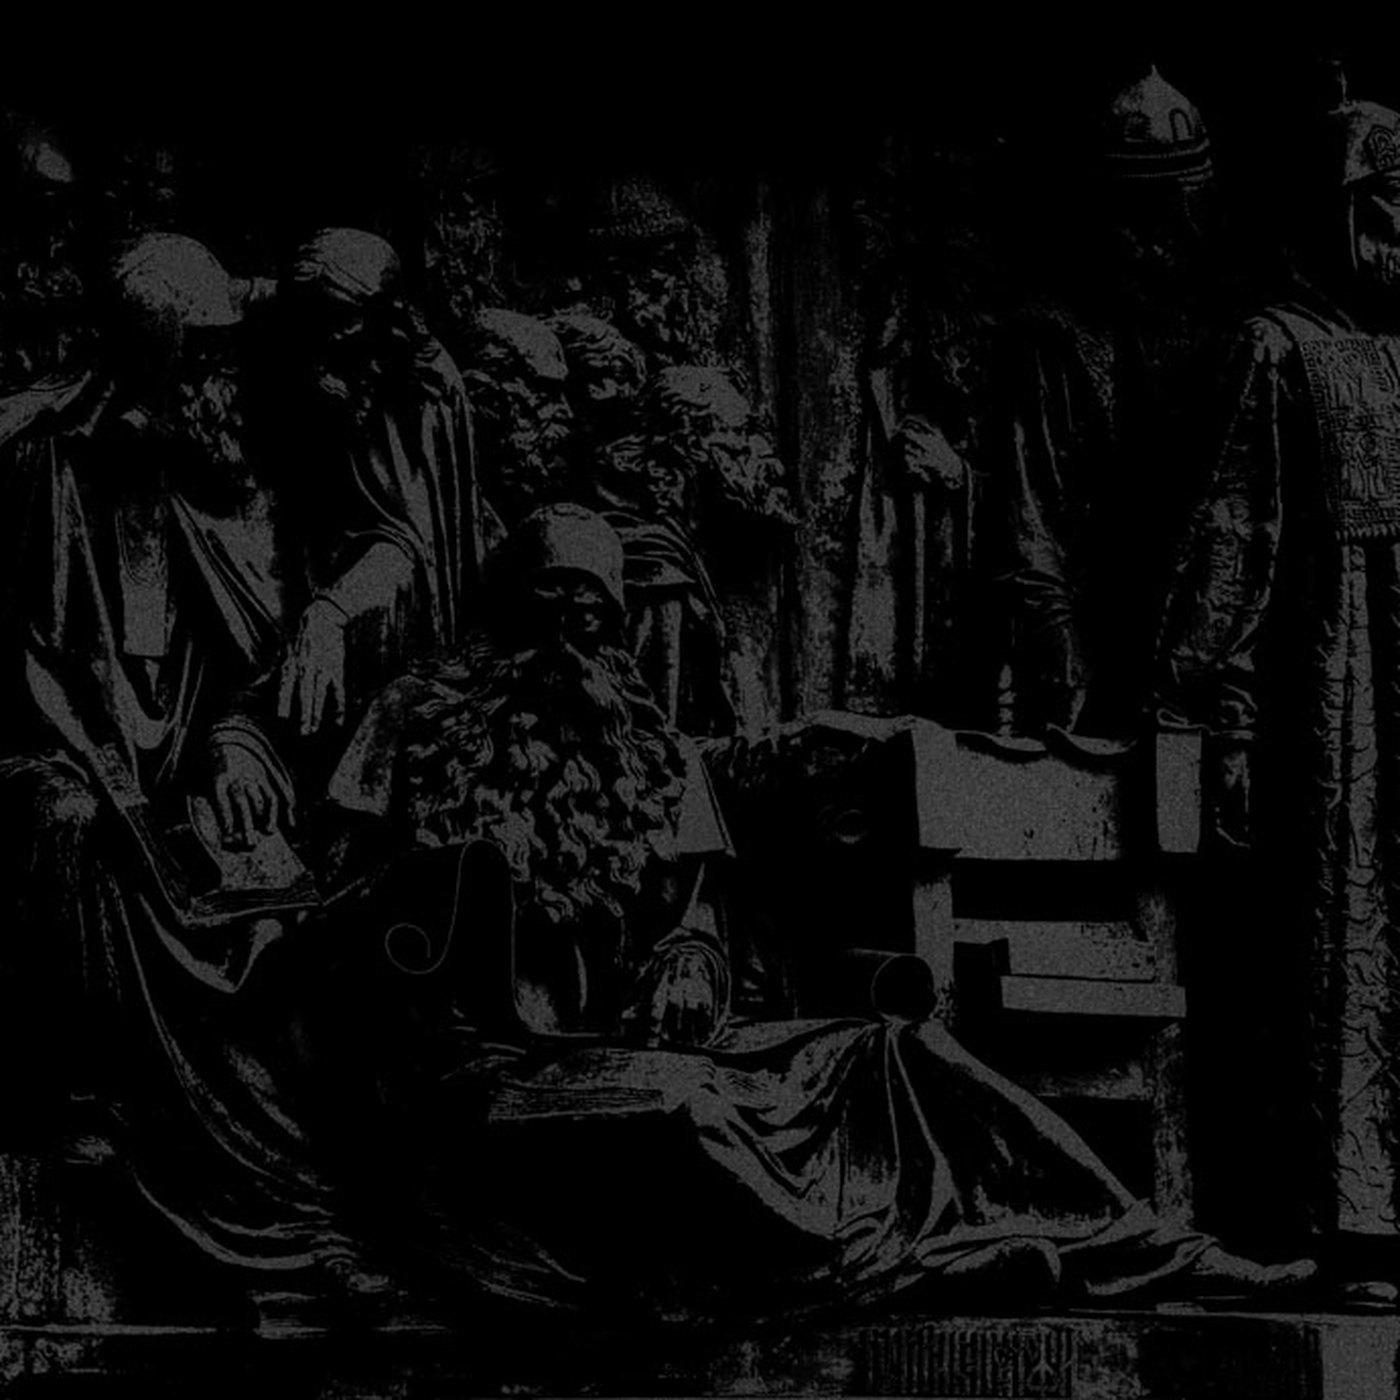 Андрей Светенко Под знаком ордена Святого Георгия прошла вся история Российской империи андрей светенко четыре думы российской империи часть 3